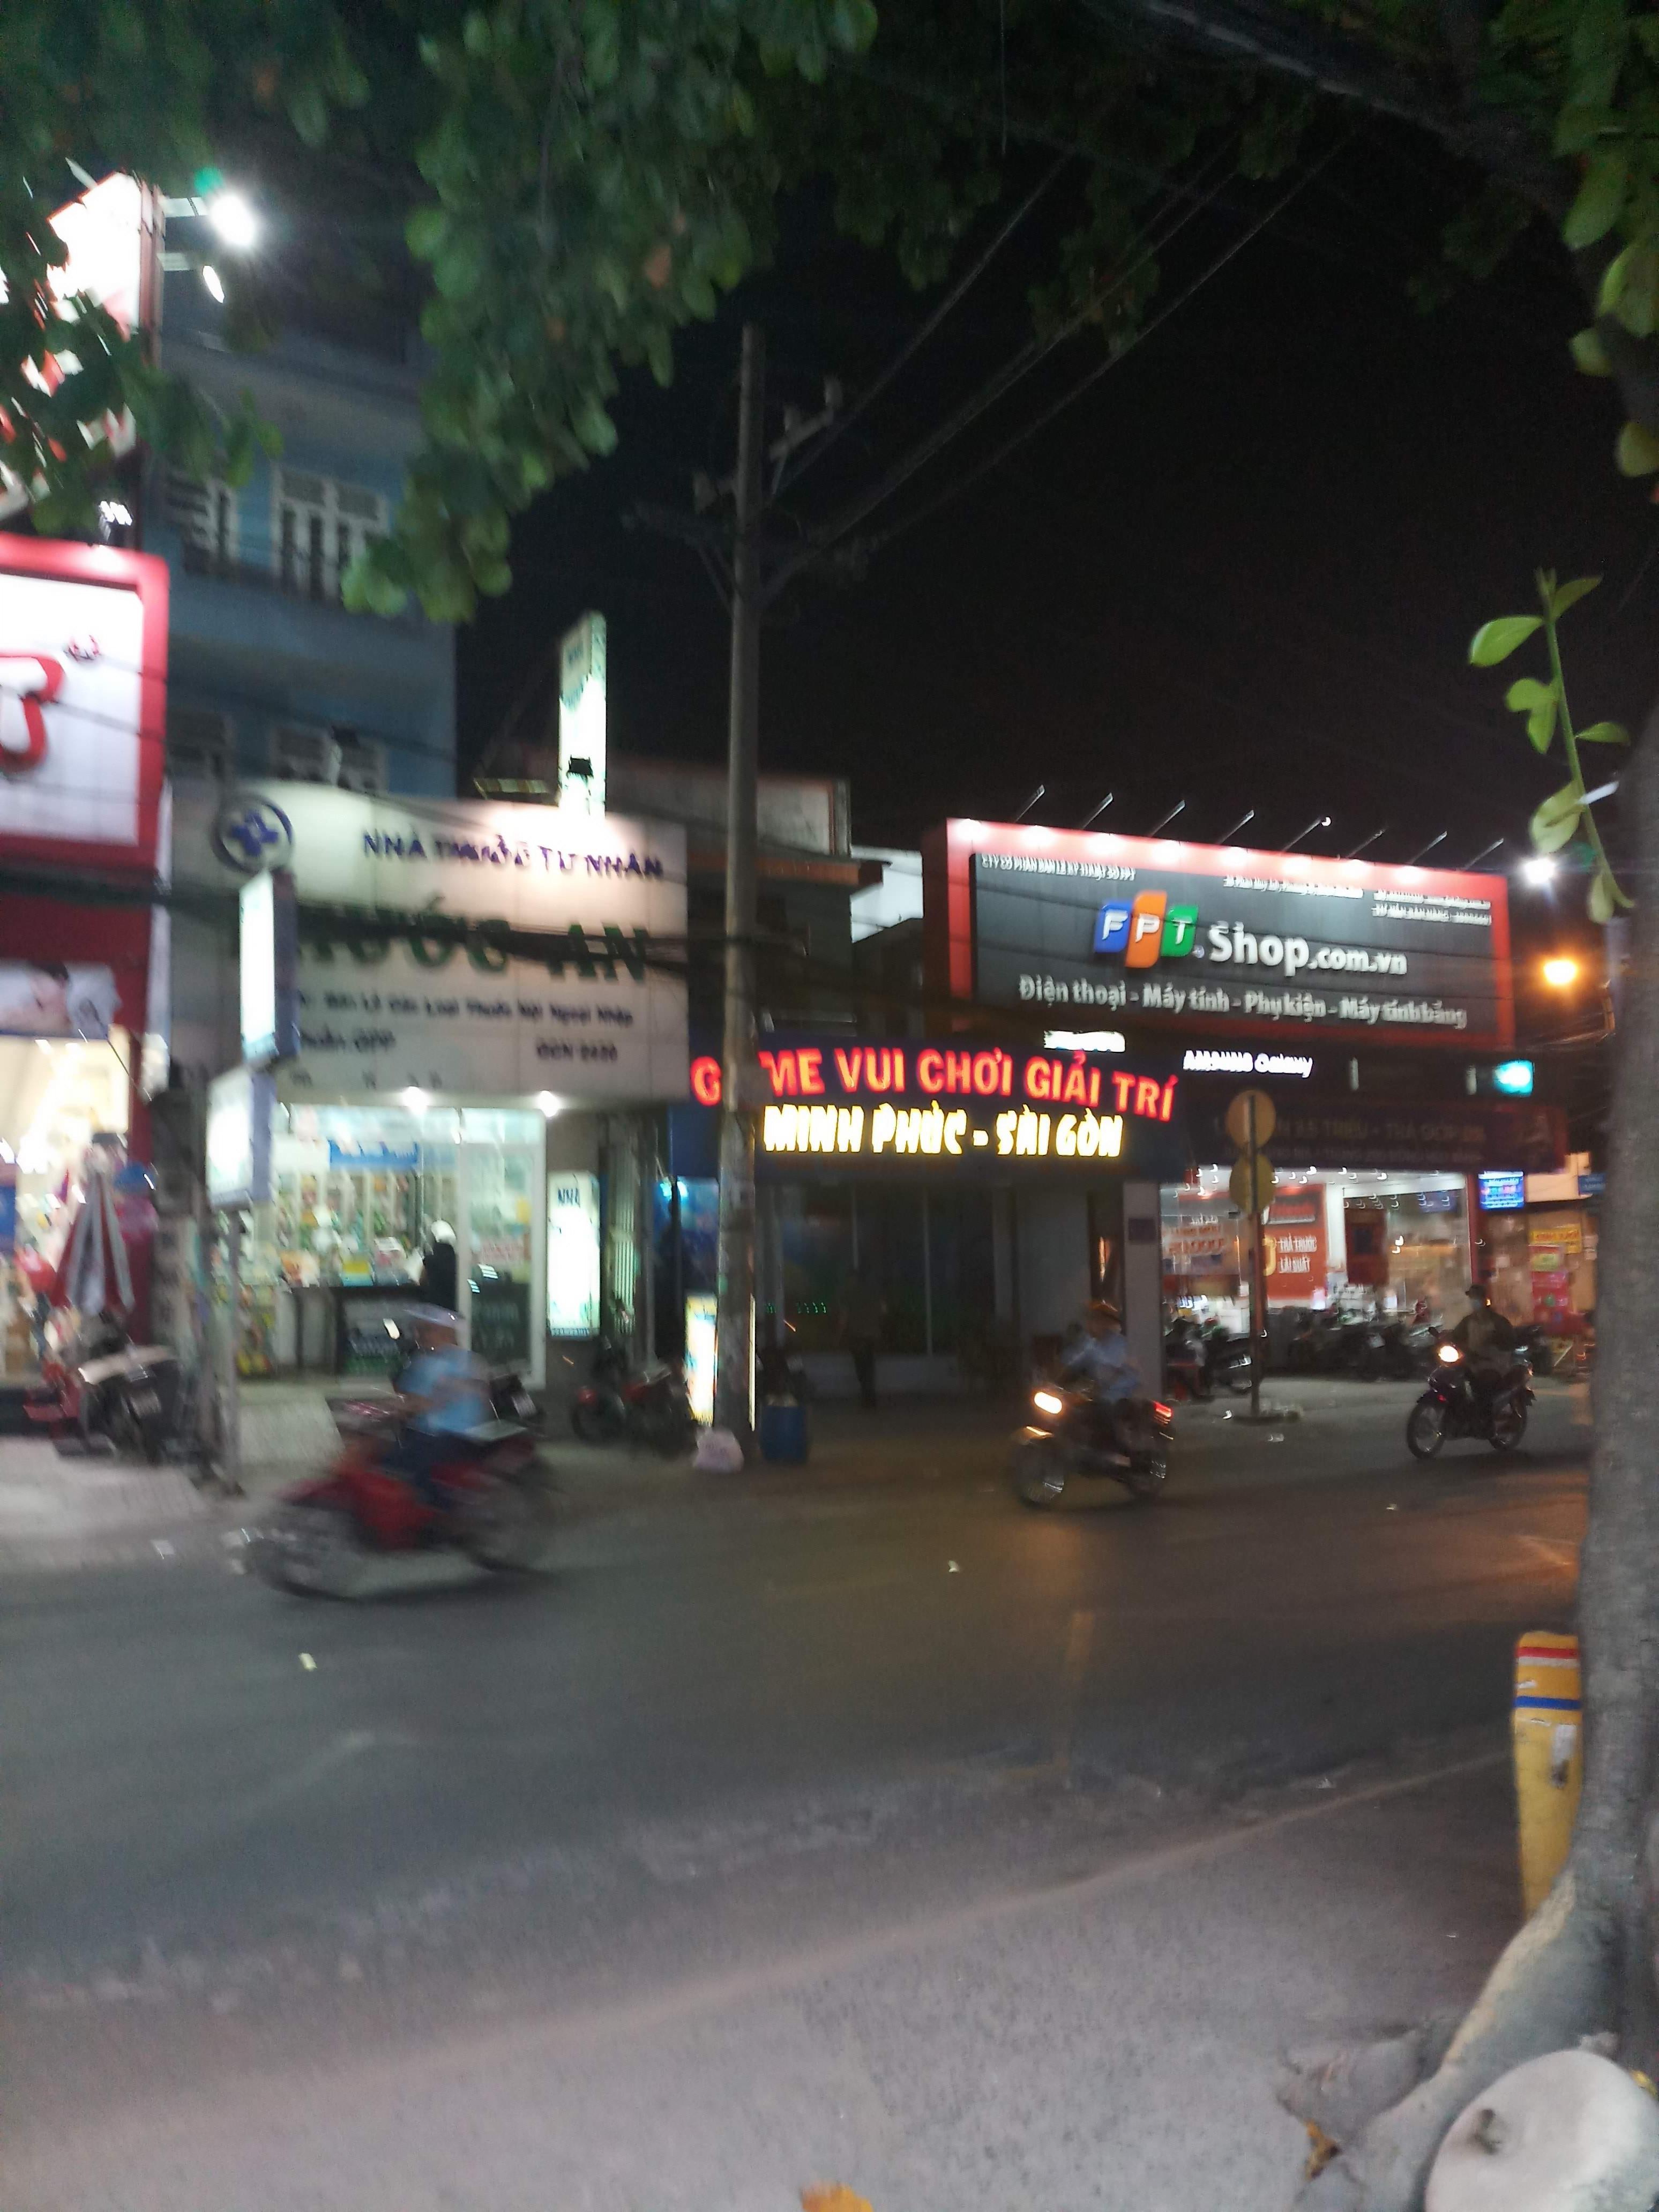 Cho thuê nhà Mặt tiền Nguyễn Hồng Đào; 9 x 14m, 2 lầu, nhà mới, giá tốt chỉ 60tr/tháng